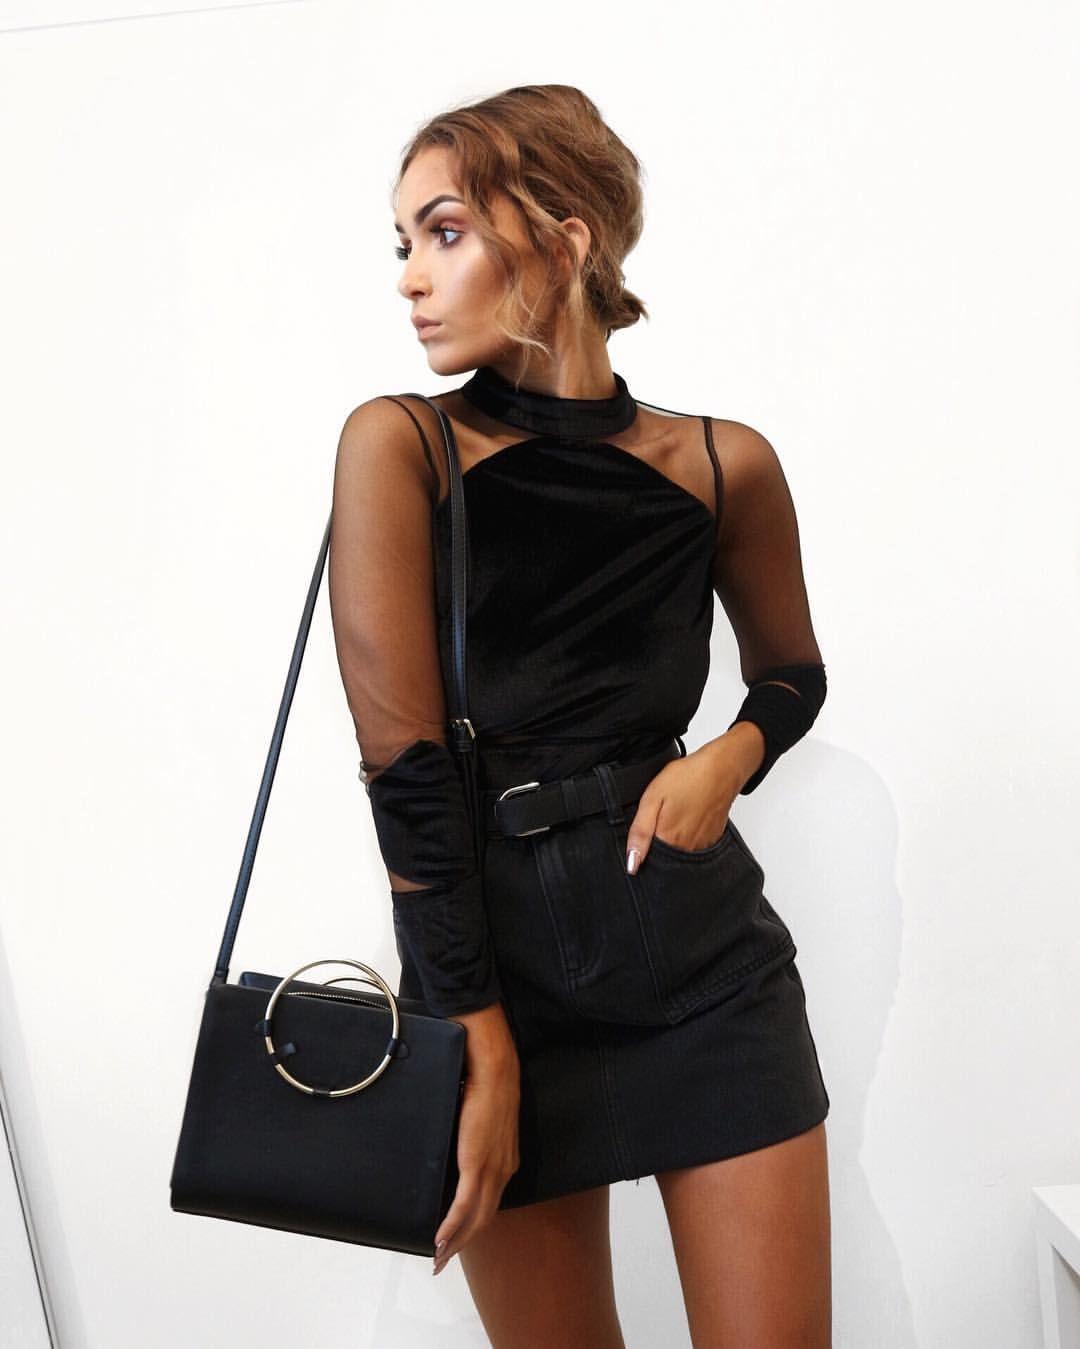 Black dress goals - Clothes